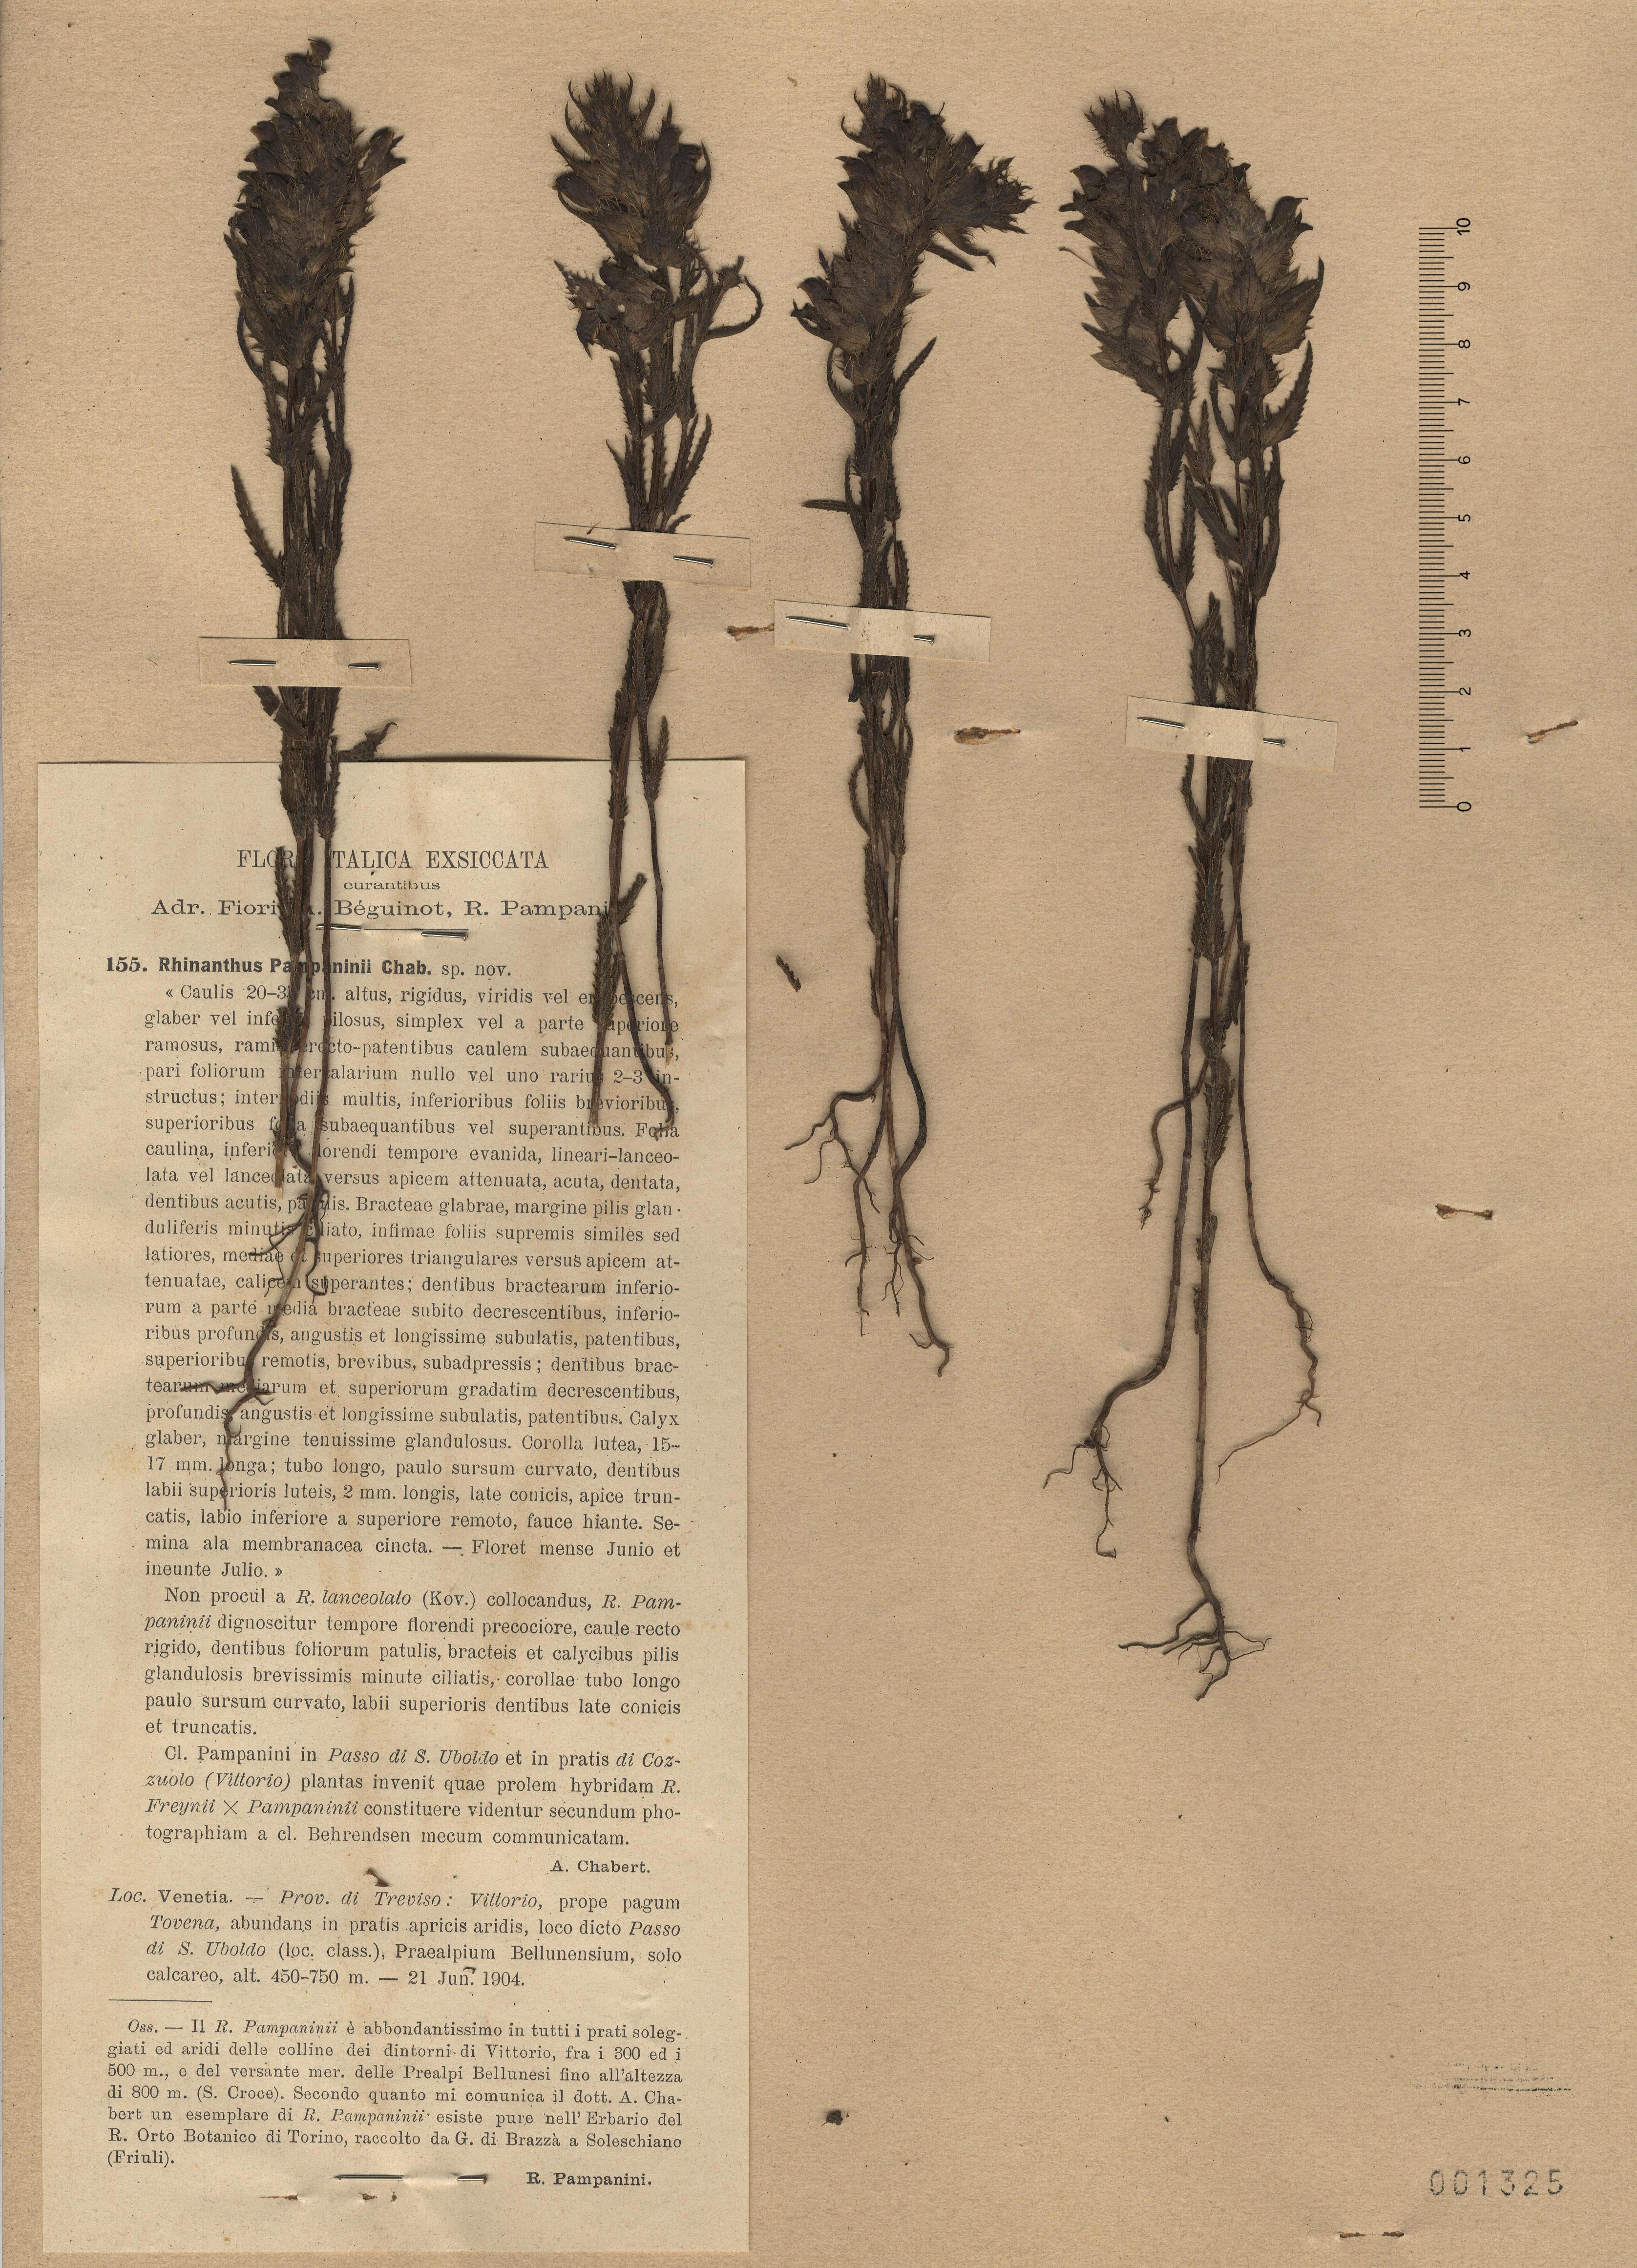 © Hortus Botanicus Catinensis - Herb. sheet 001325<br>